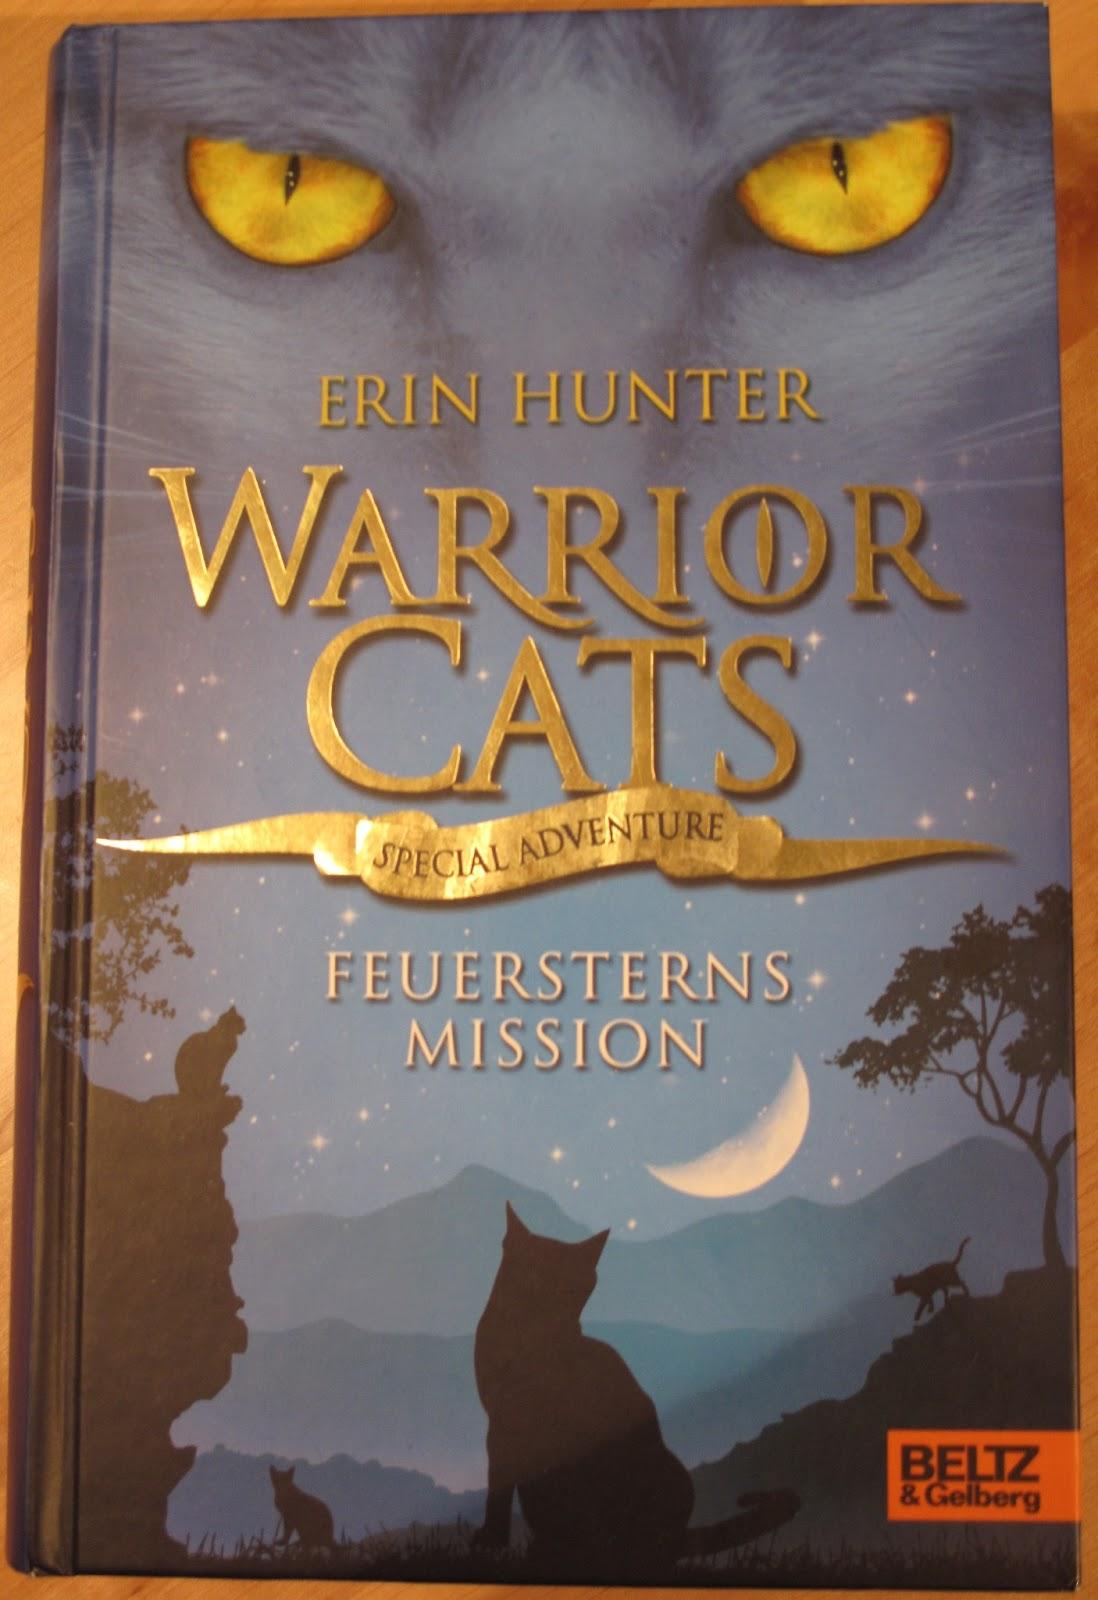 Warrior Cats Feuersterns Mission Zusammenfassung